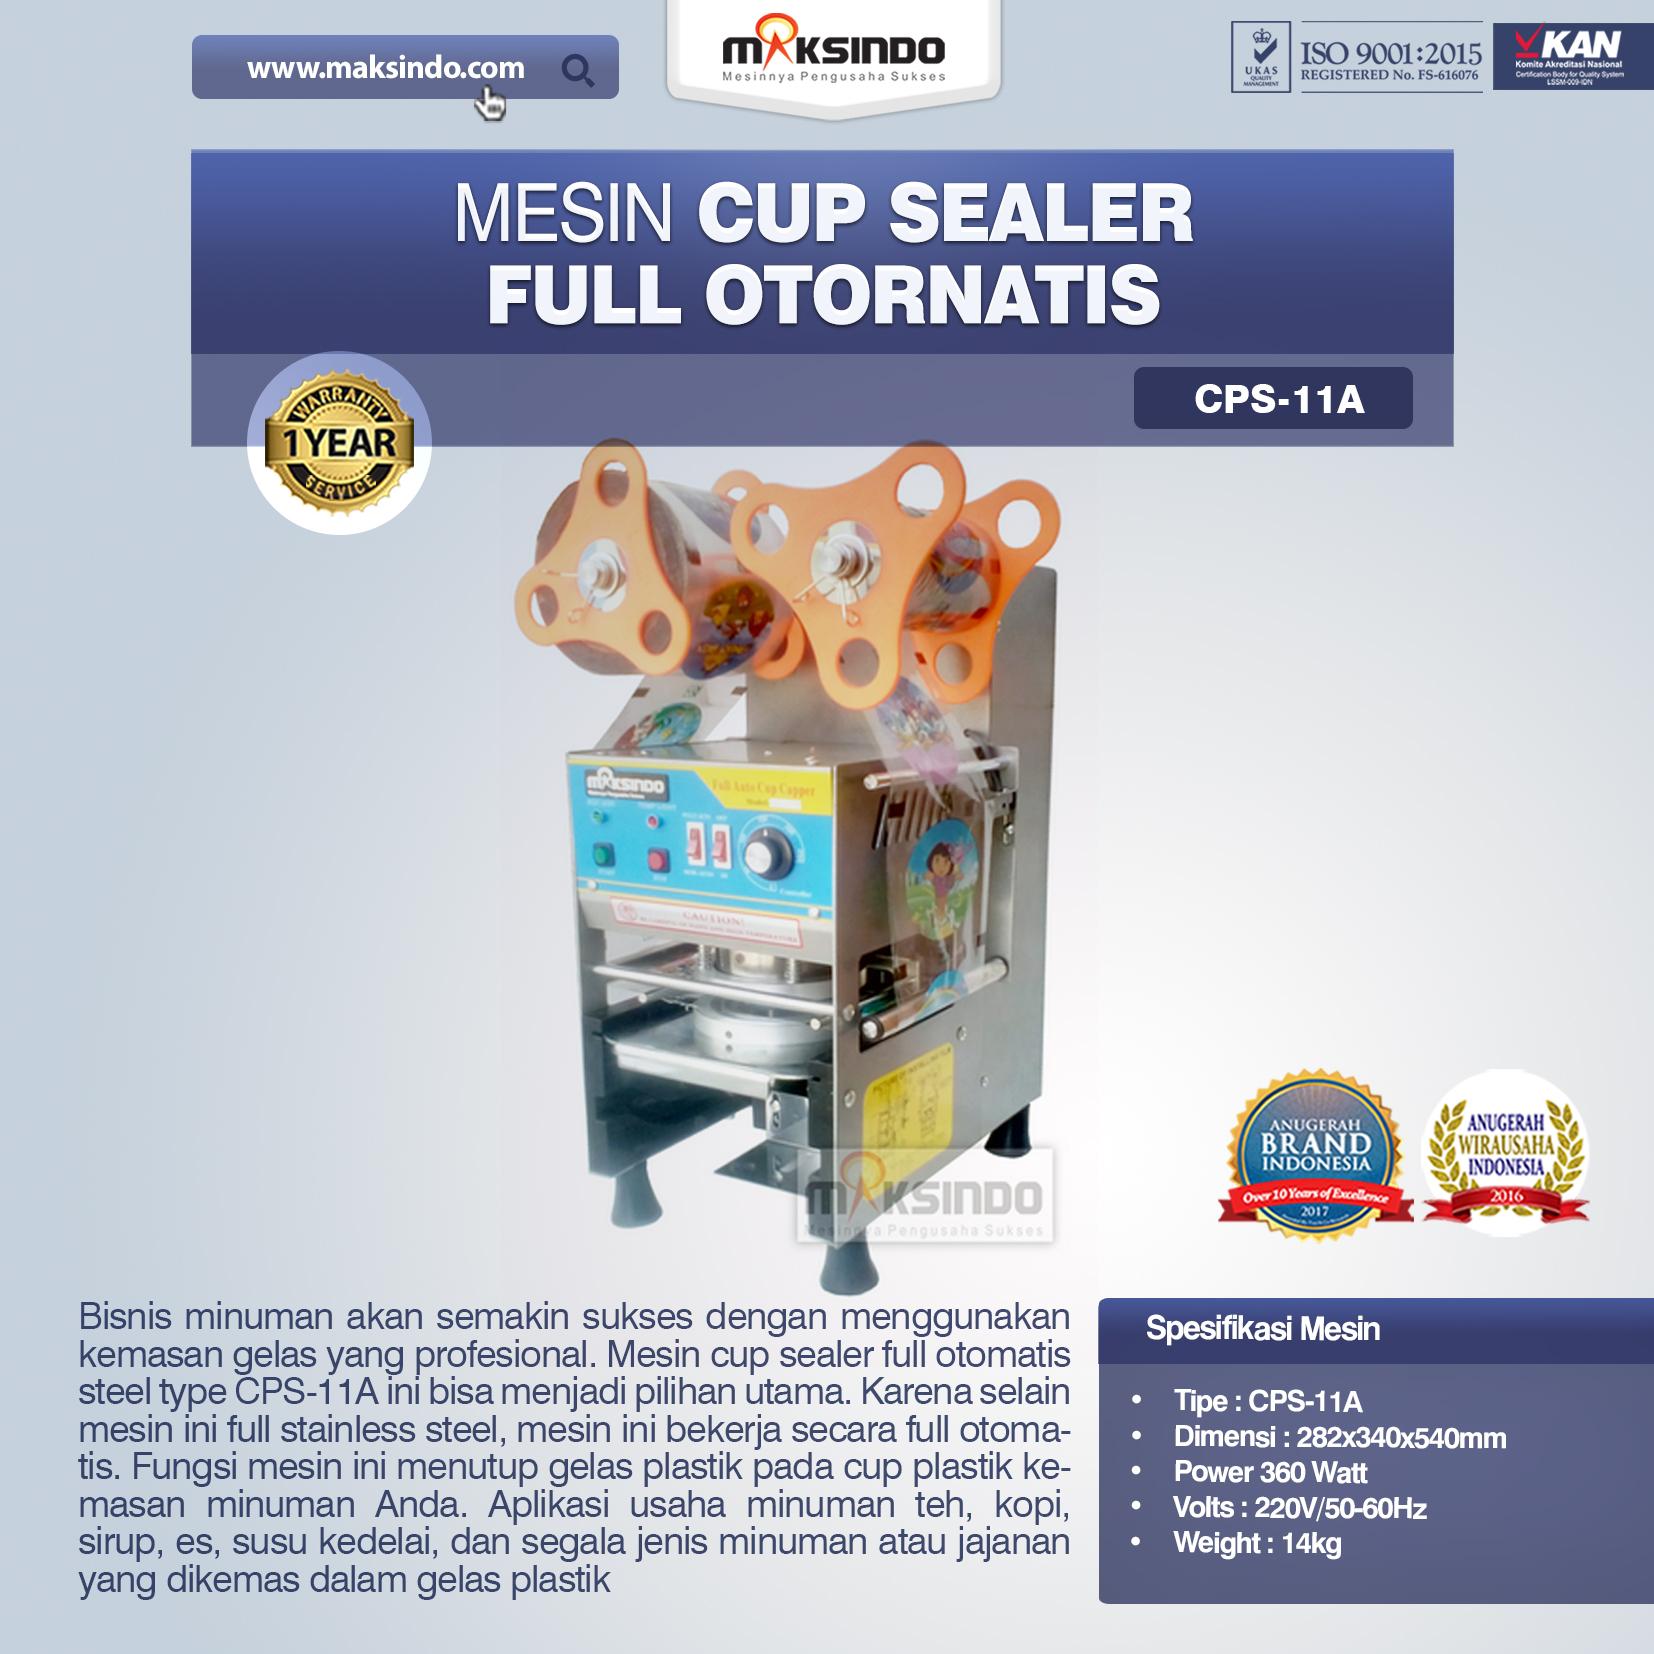 Jual Mesin Cup Sealer Full Otomatis (CPS-11A) di Bekasi